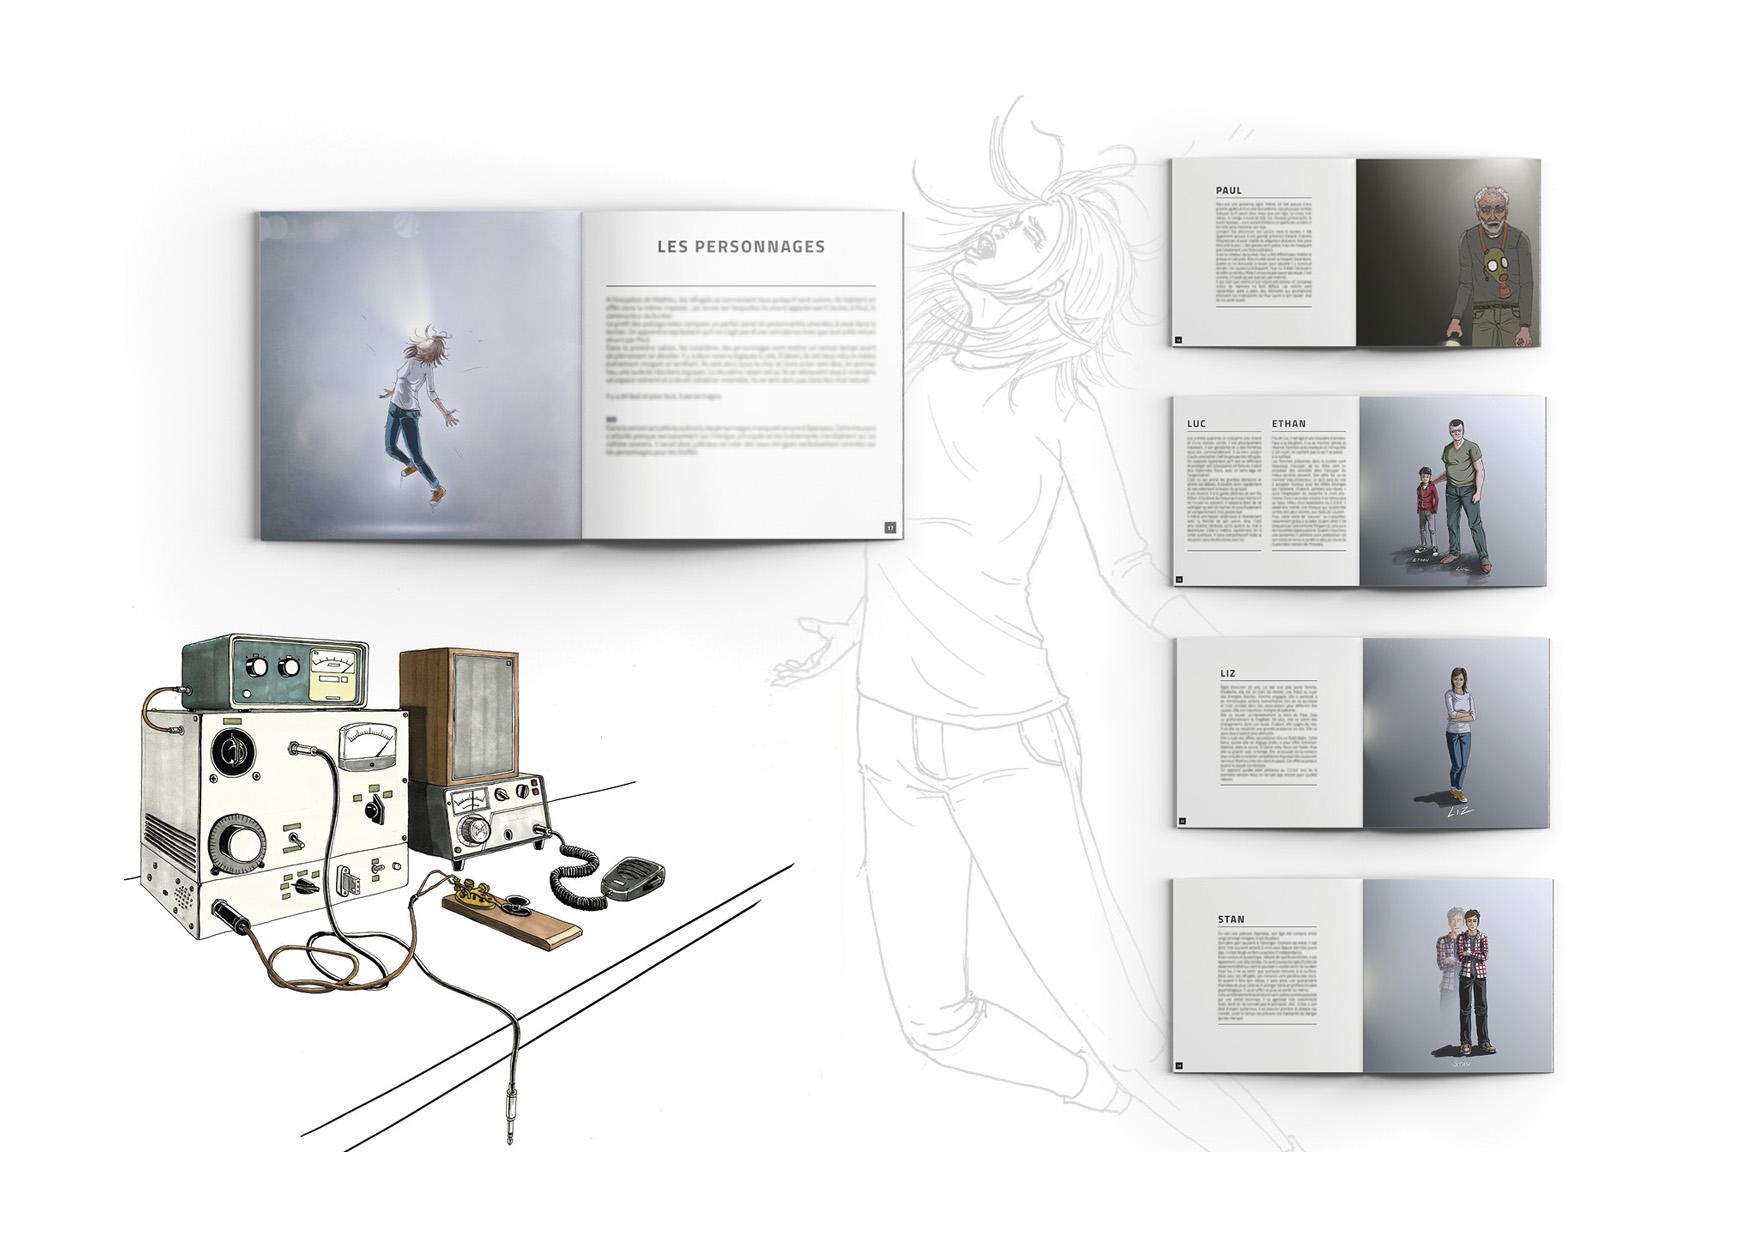 édition-illustrations-webserie-bunker